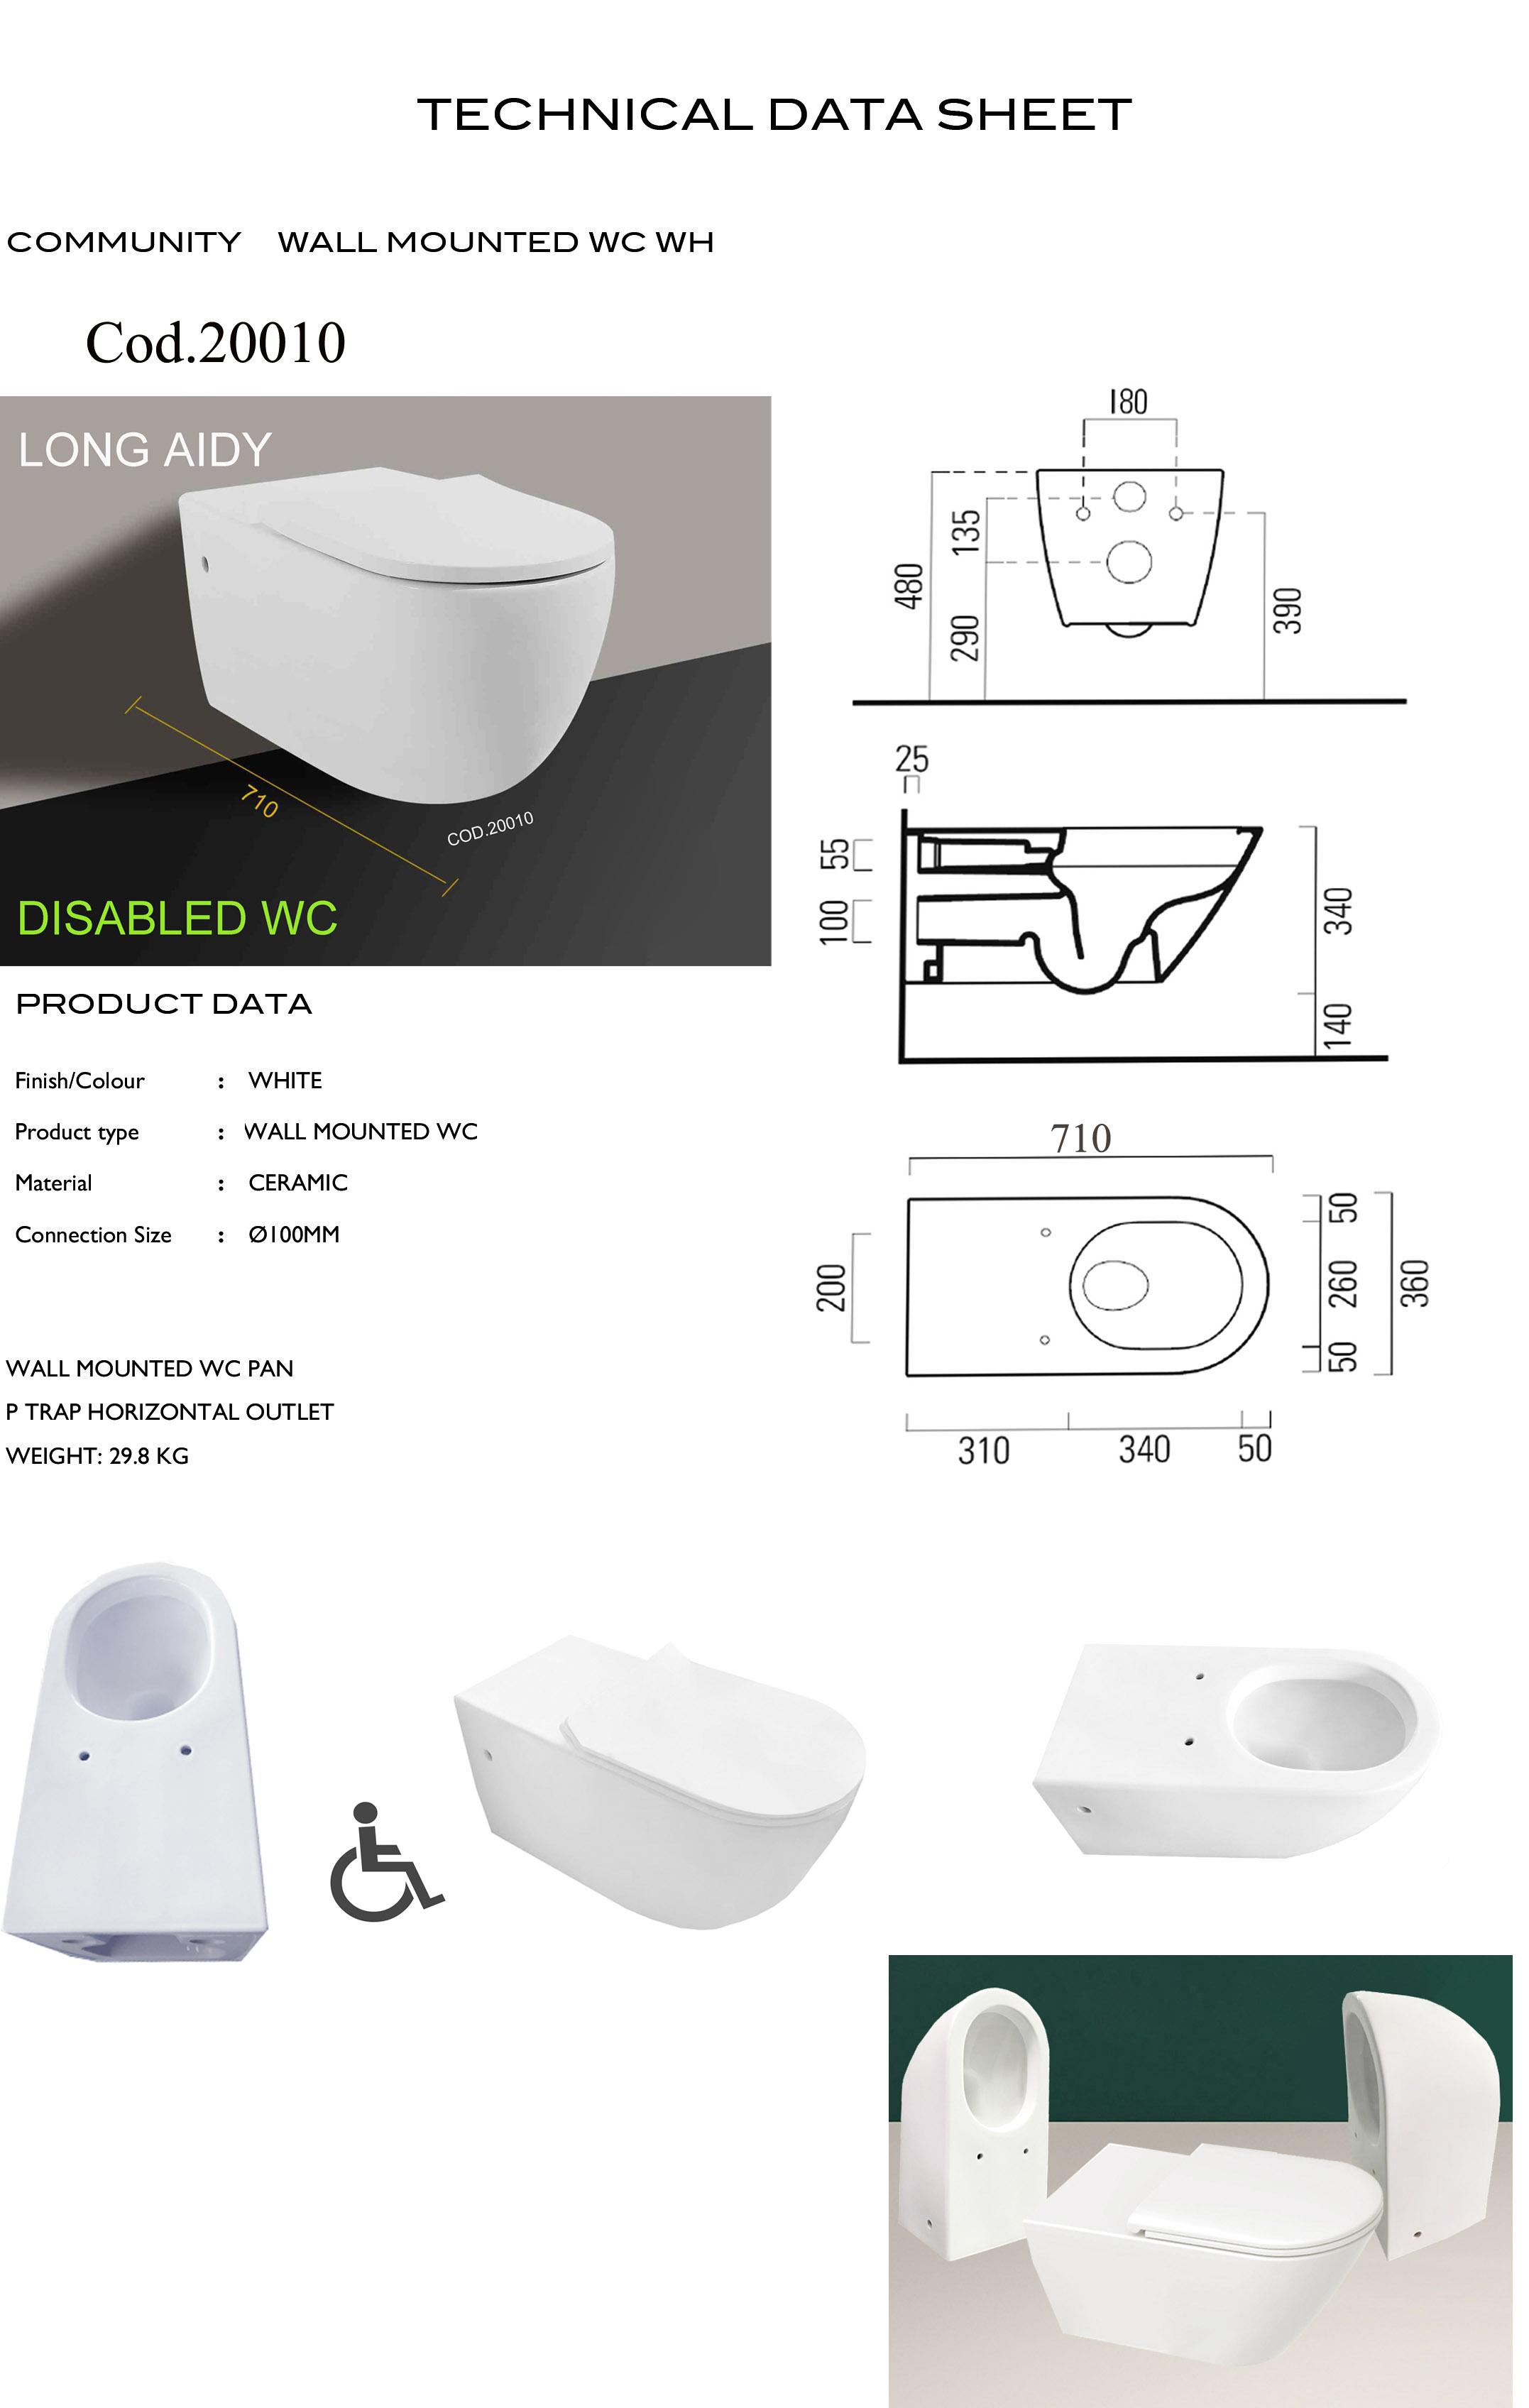 krankenhaus sanitär möbel Öffentlichen training bidet wc